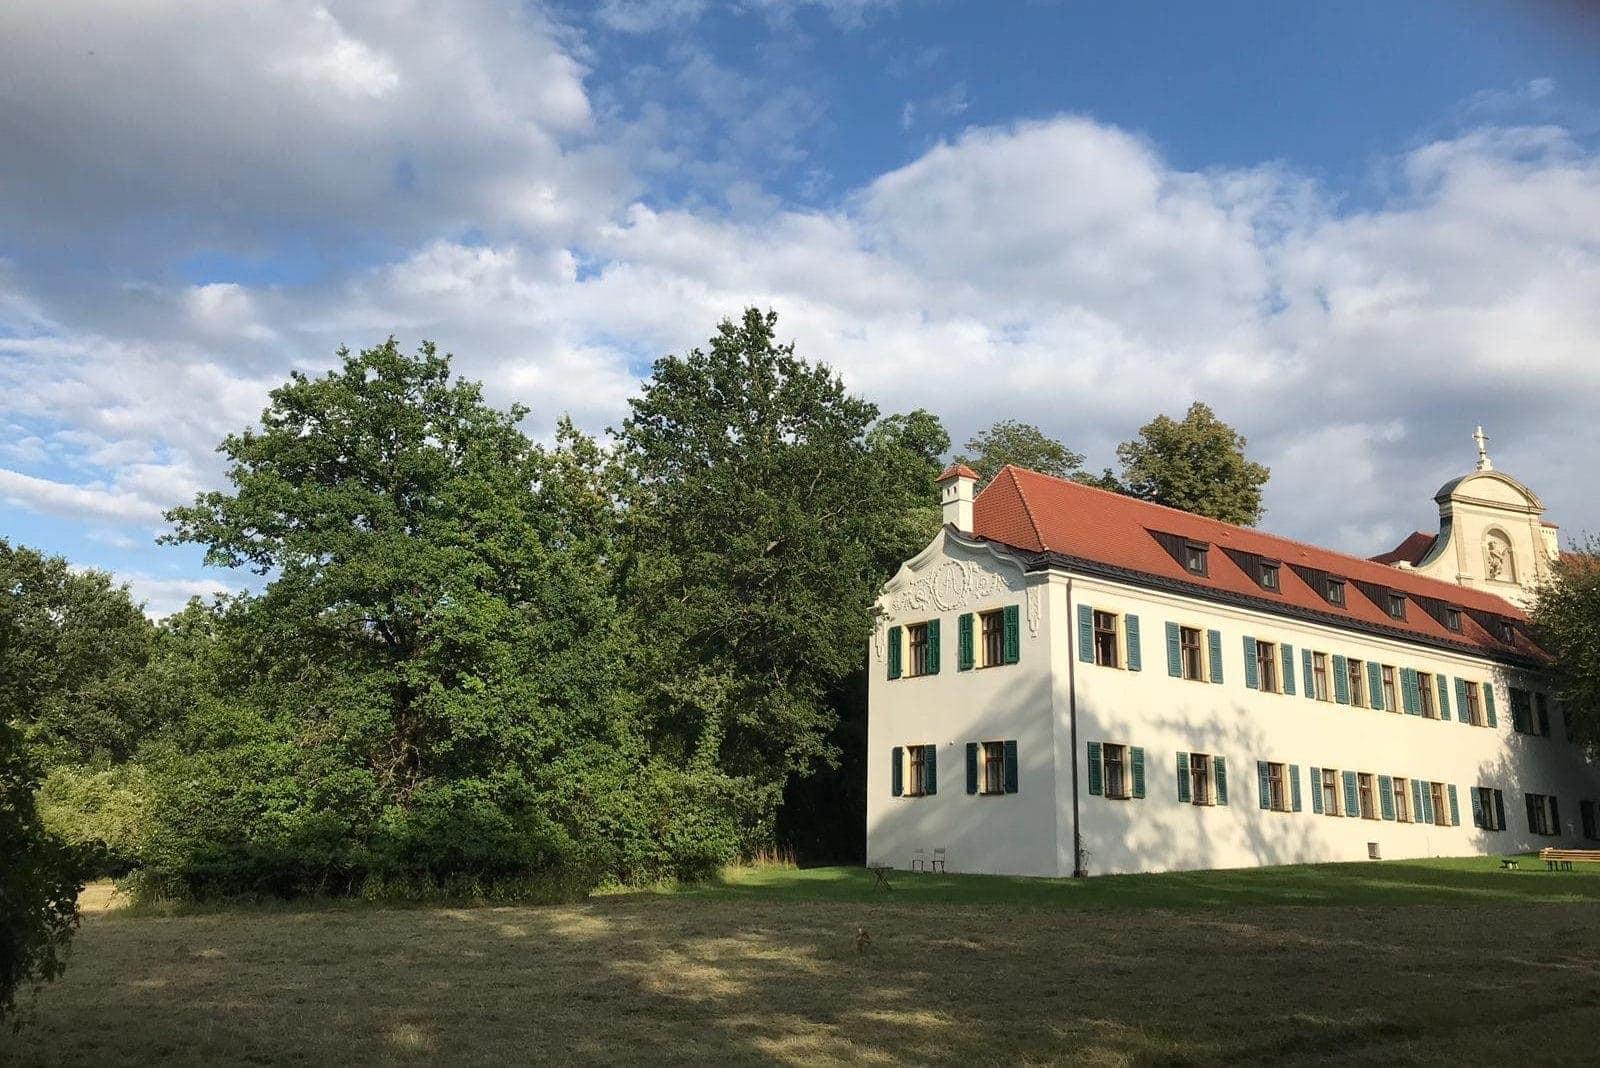 Herbstfest im Zentrum für Lebensfreude am Schloss Prüfening in Regensburg Genieße einen schönen Tag